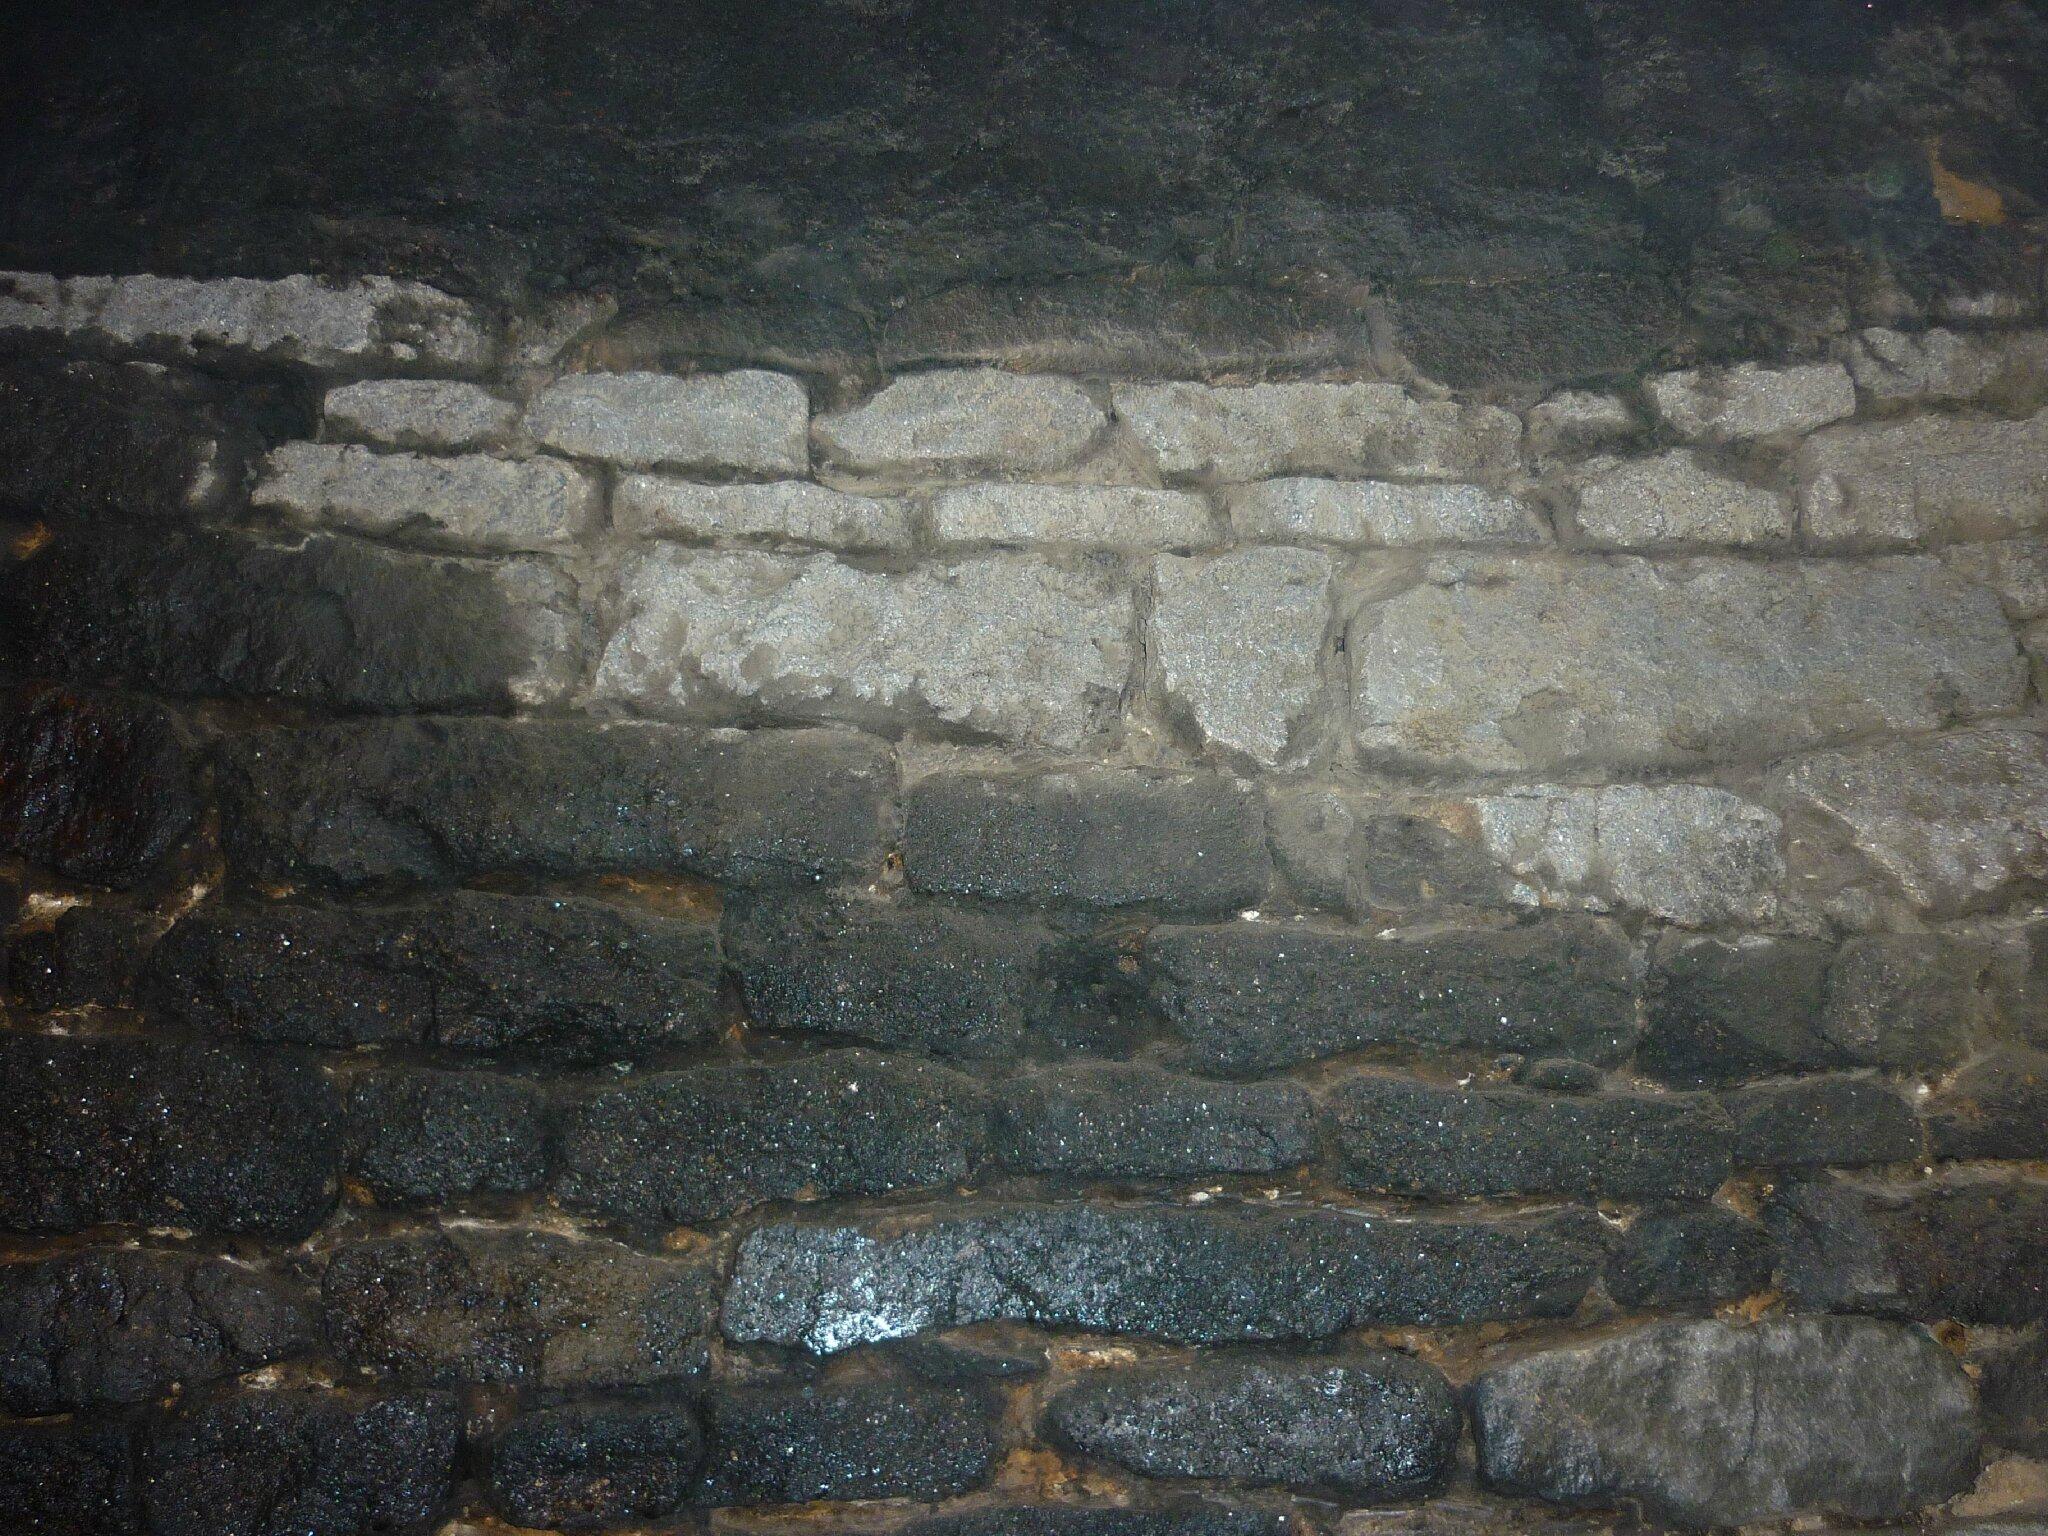 Renover une maison - longère - decrasser les pierres - nettoyer les pierre - cheminée - suie 2